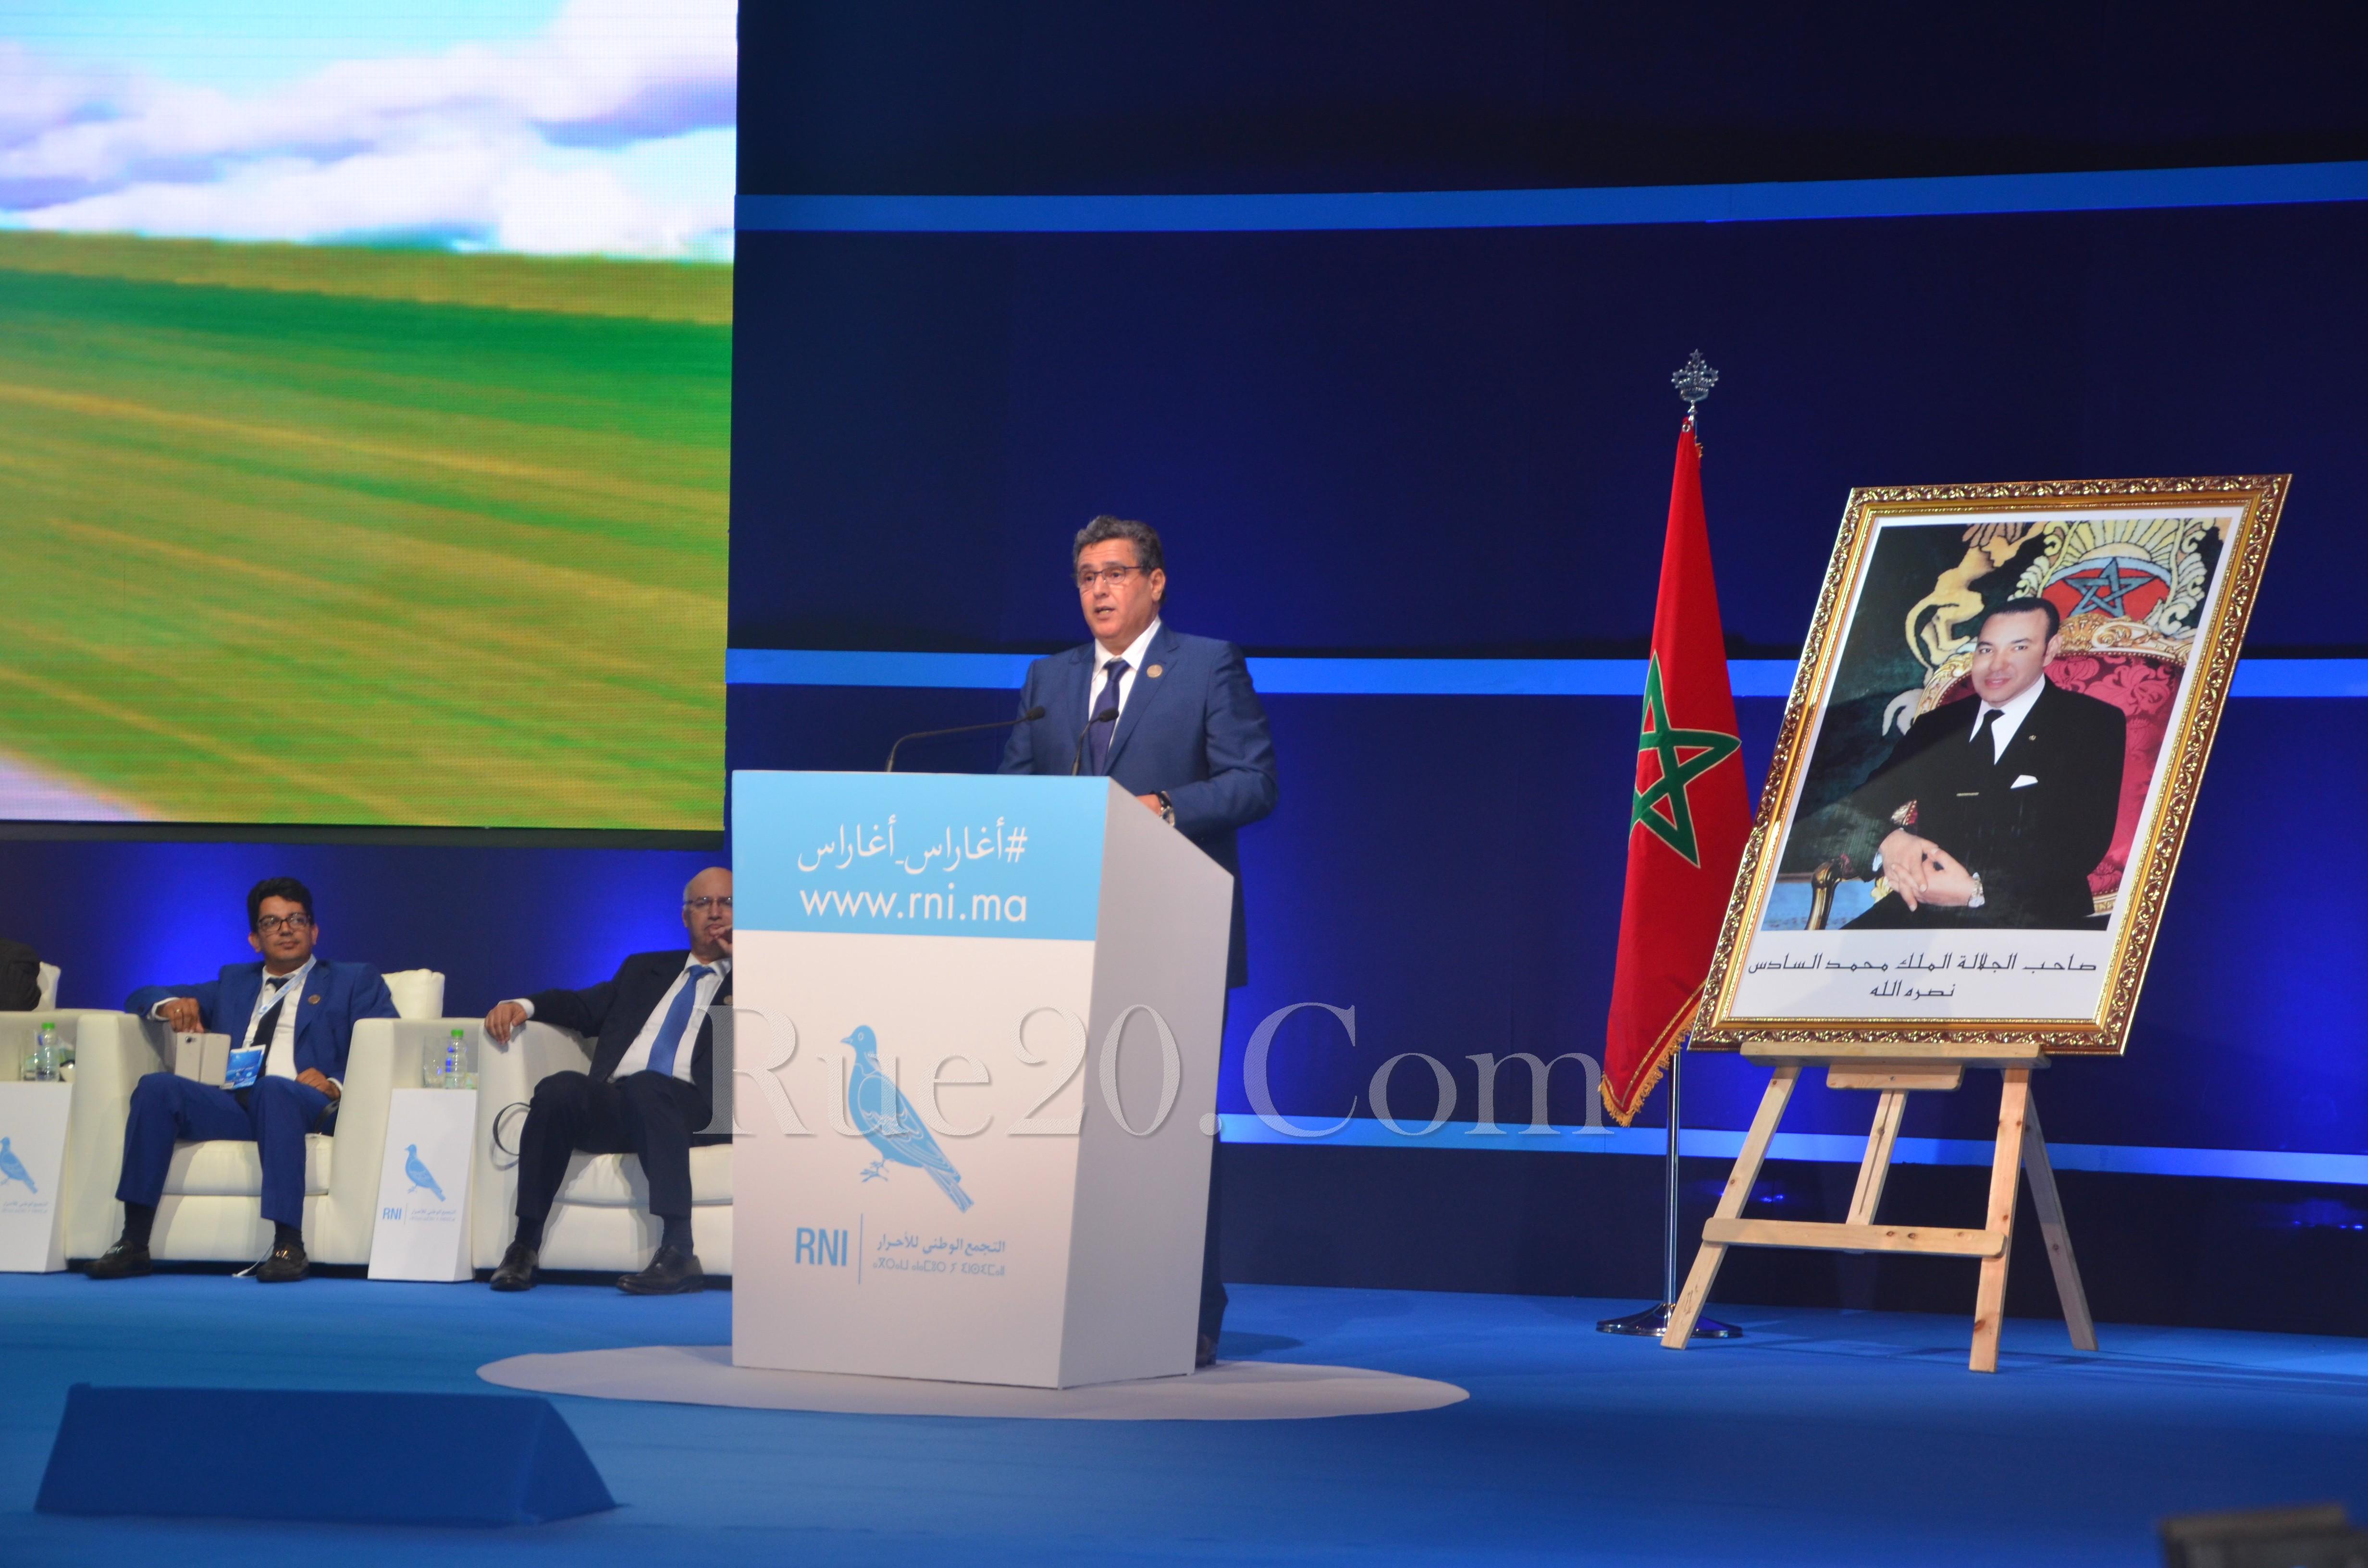 بحضور 'العثماني'. أخنوش يرفع تحدي تصدر انتخابات 2021 باعلان إعادة هيكلة حزب 'الحمامة'